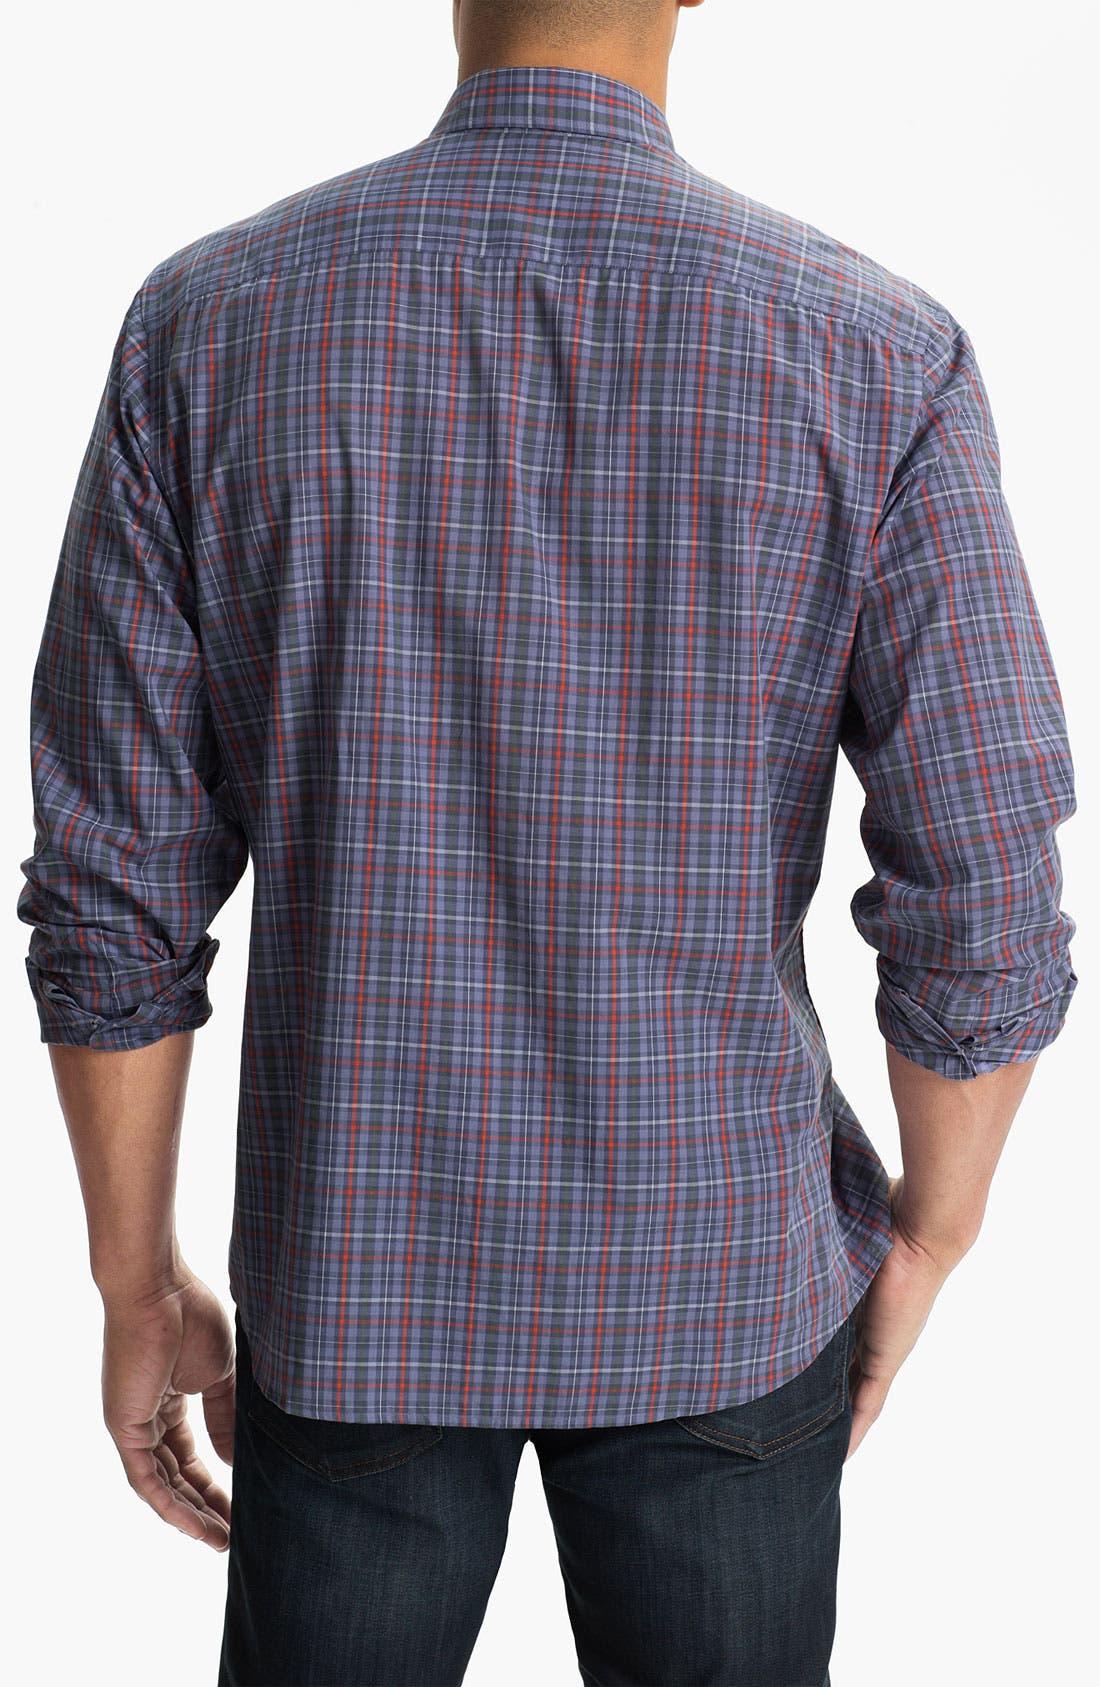 Alternate Image 2  - Cutter & Buck 'Kent Plaid' Regular Fit Sport Shirt (Big & Tall)